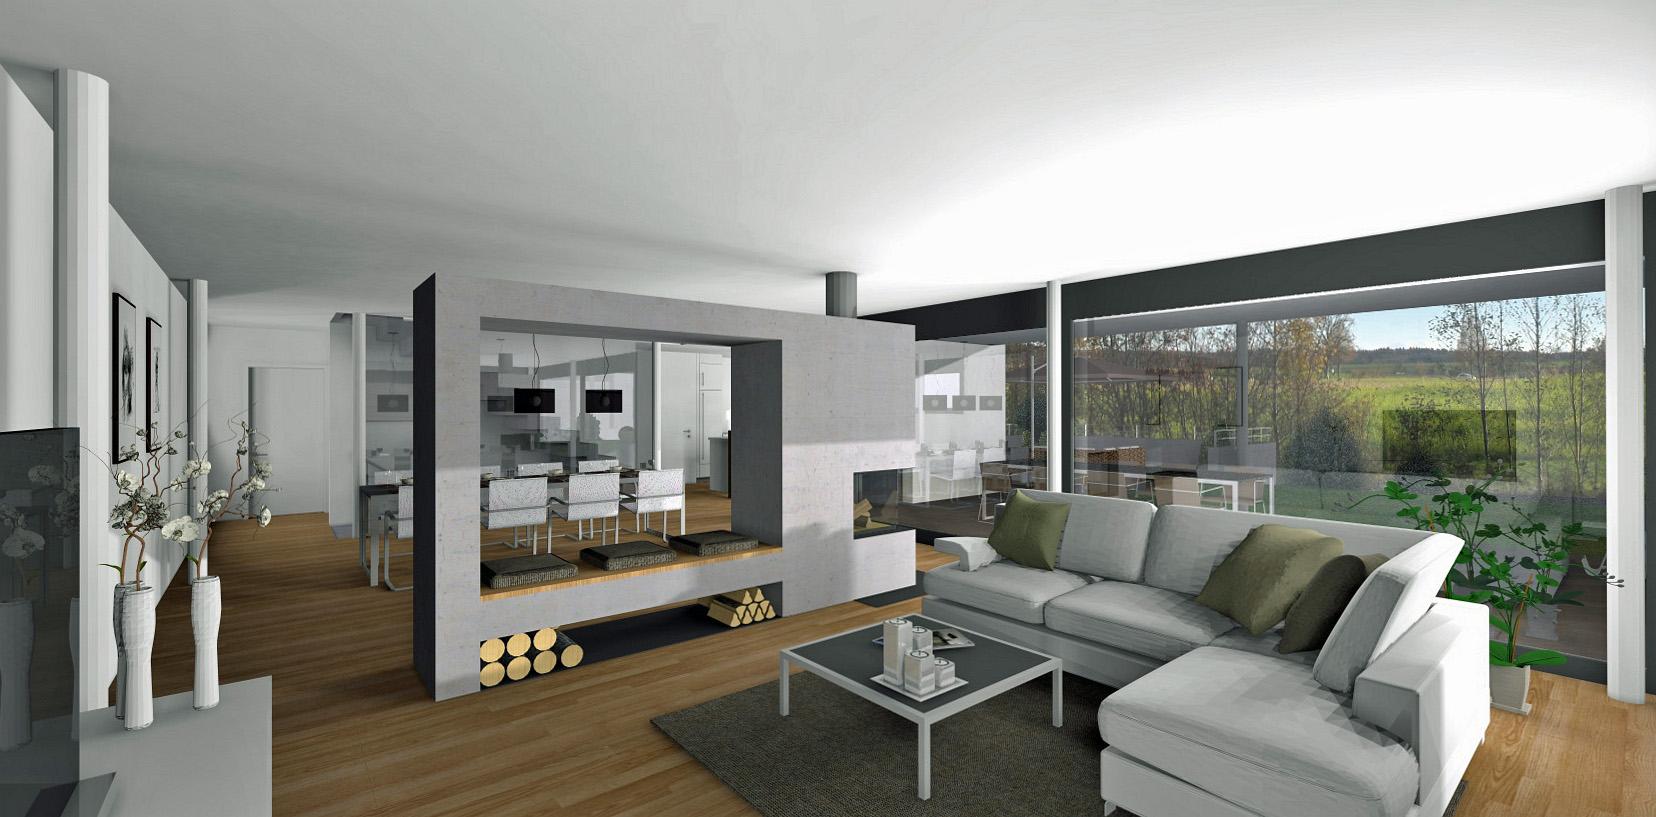 Einfamilienhaus im verenam sli in subingen architektur for Raumgestaltung architektur